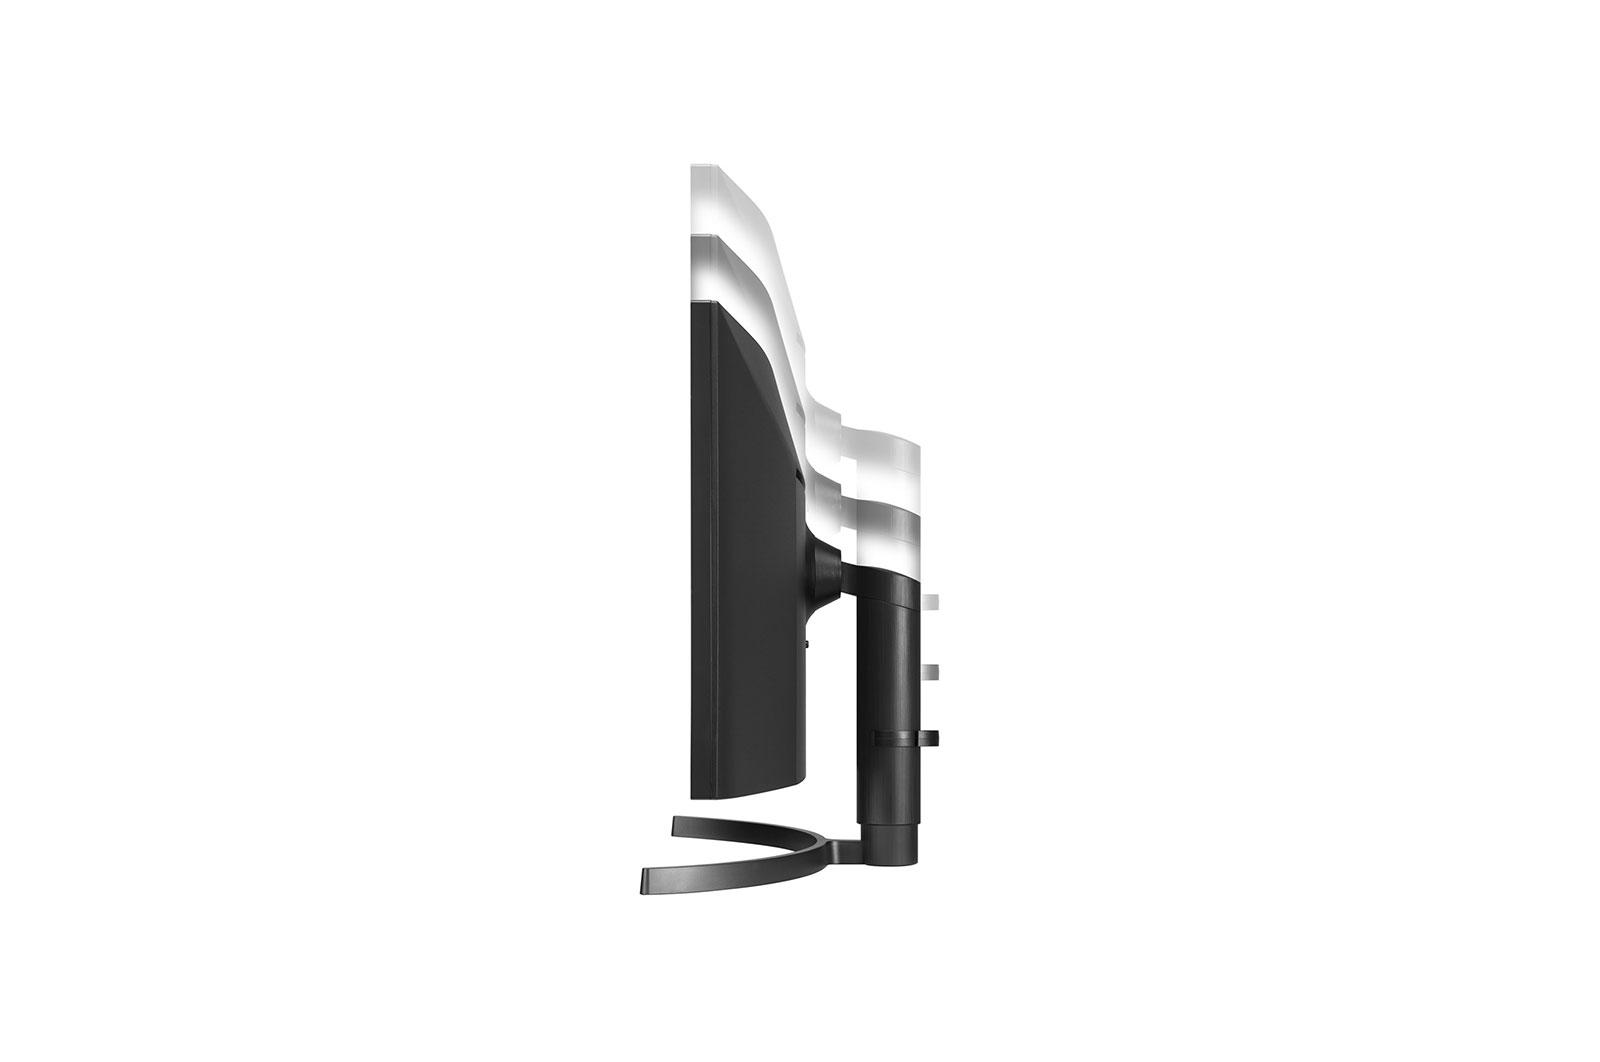 Màn Hình Cong Siêu Rộng Đa Tác Vụ LG 35WN75C-B 21:9 UltraWide QHD (3440 x 1440) 5ms 100Hz VA MaxxAudio (7W) AMD FreeSync - Hàng Chính Hãng